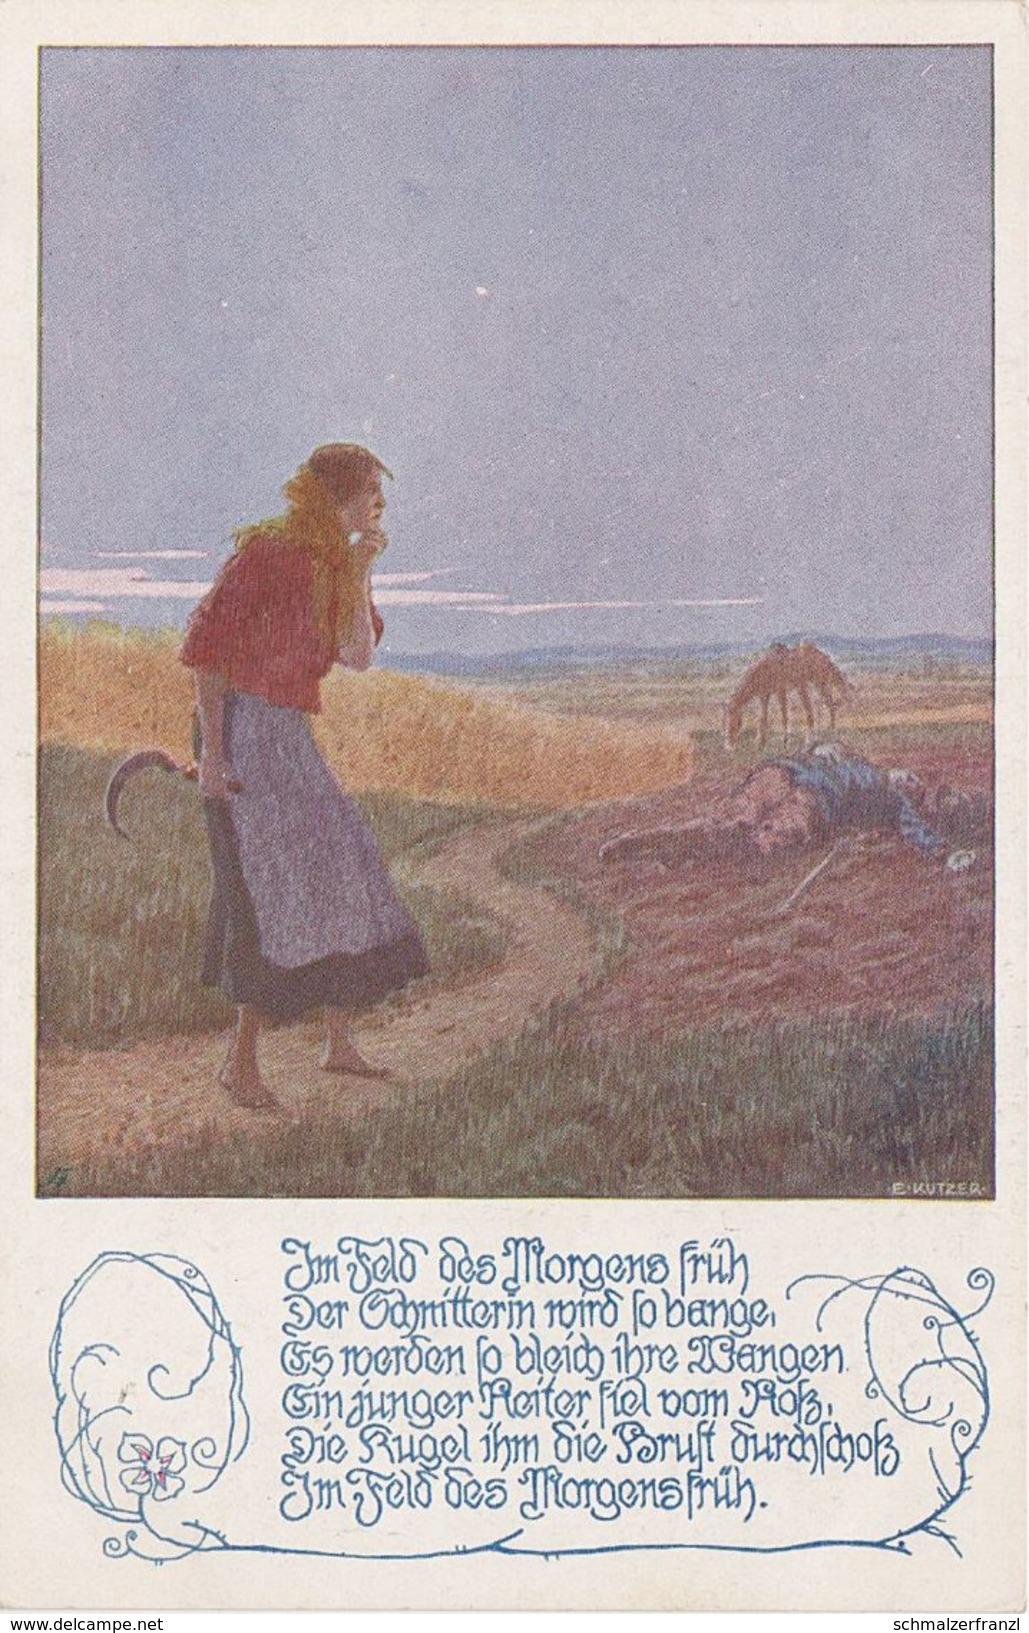 Künstlerkarte AK Im Feld Des Morgens Früh Spruch Vers Gedicht Ostmark Bund Deutscher Österreicher Nr. 137 Ernst Kutzer - Künstlerkarten